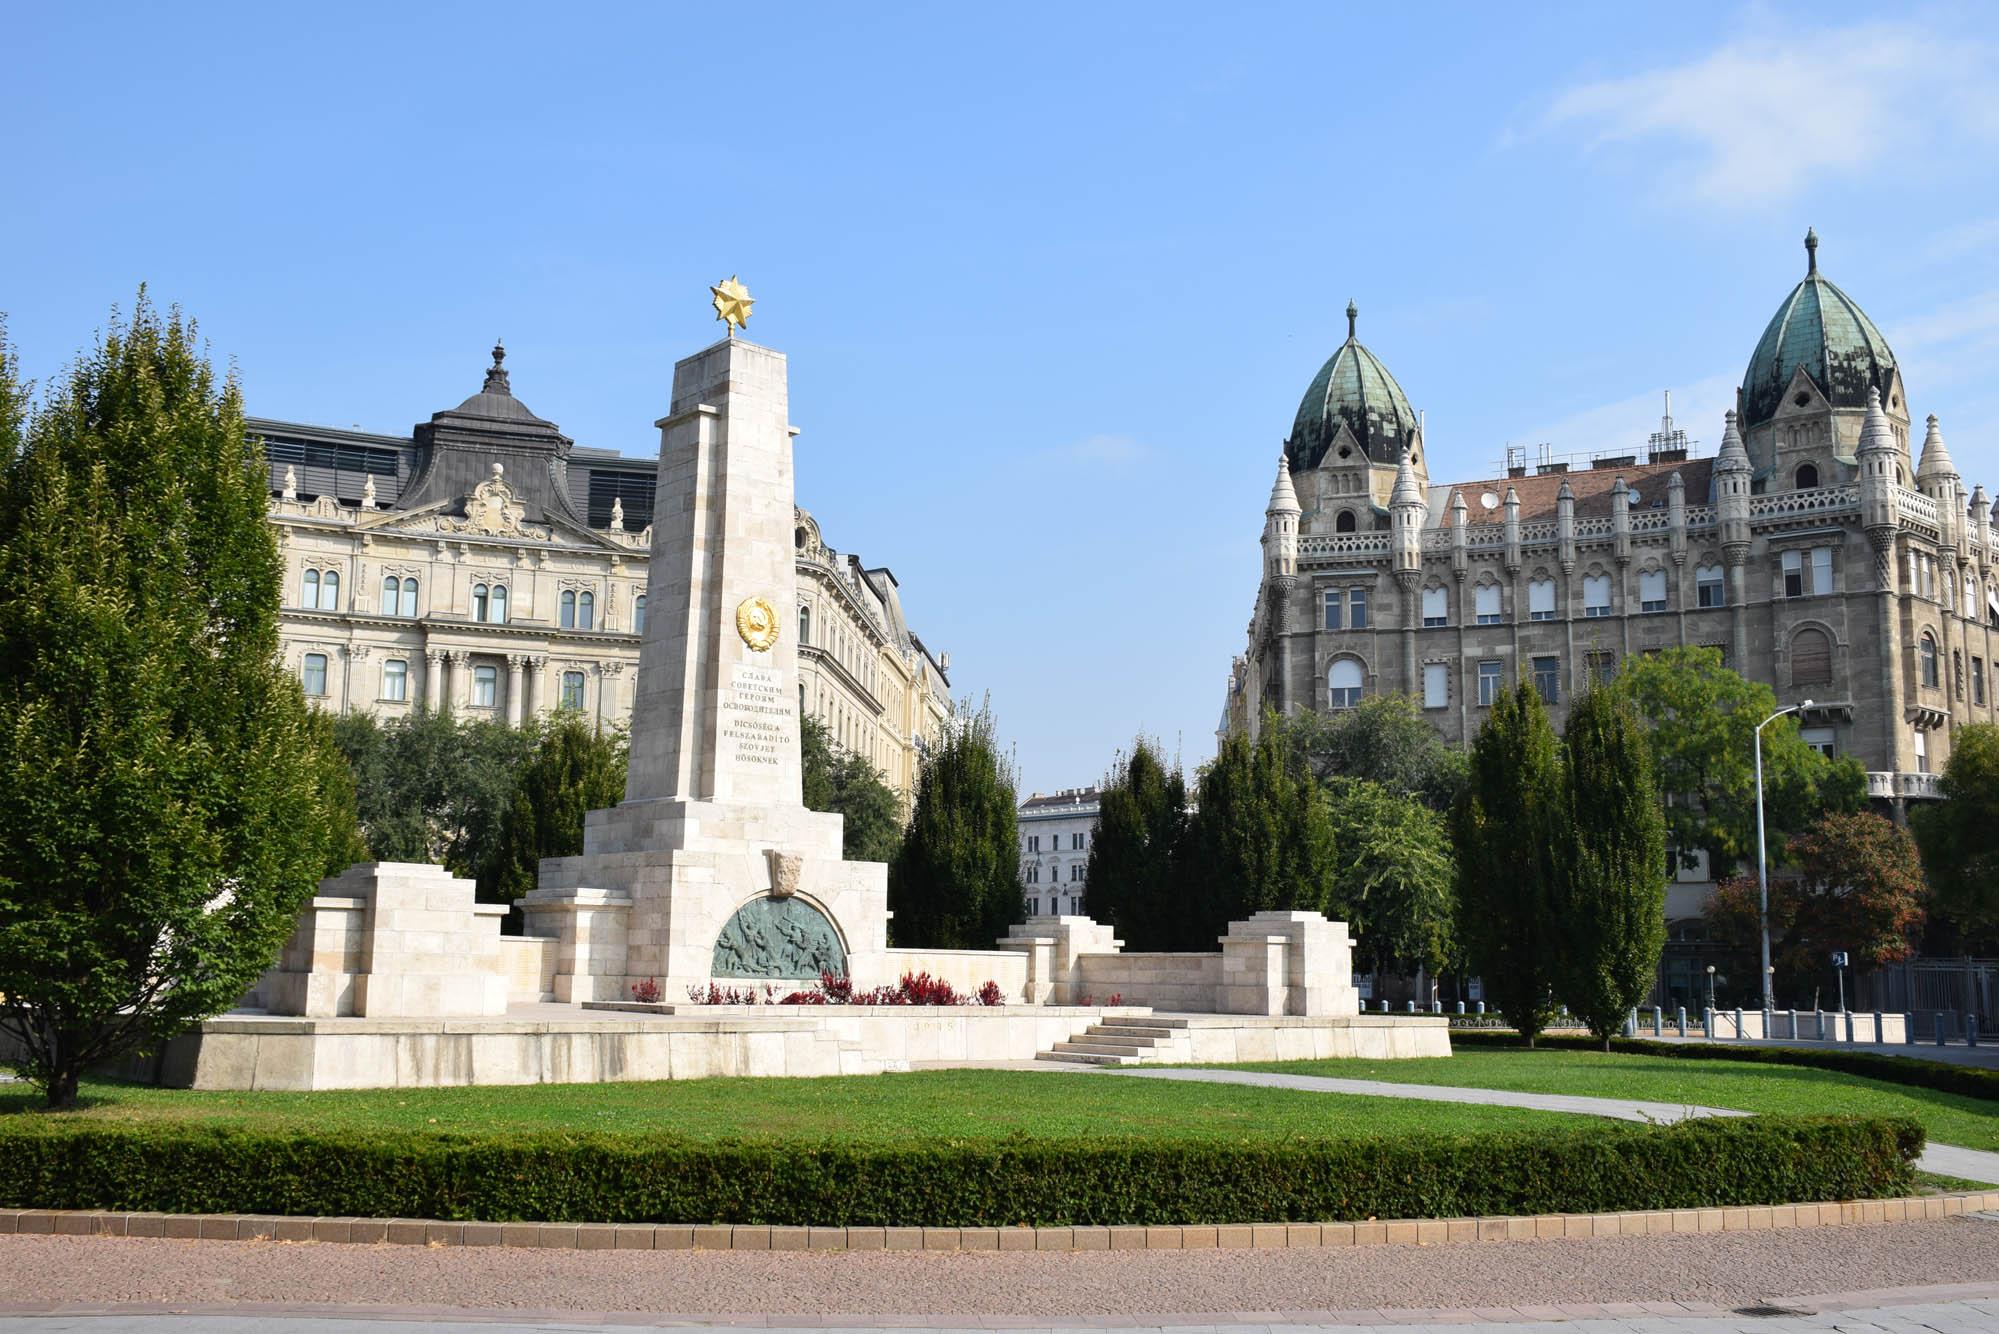 Único monumento soviético que restou em Budapeste - na Praça da Liberdade